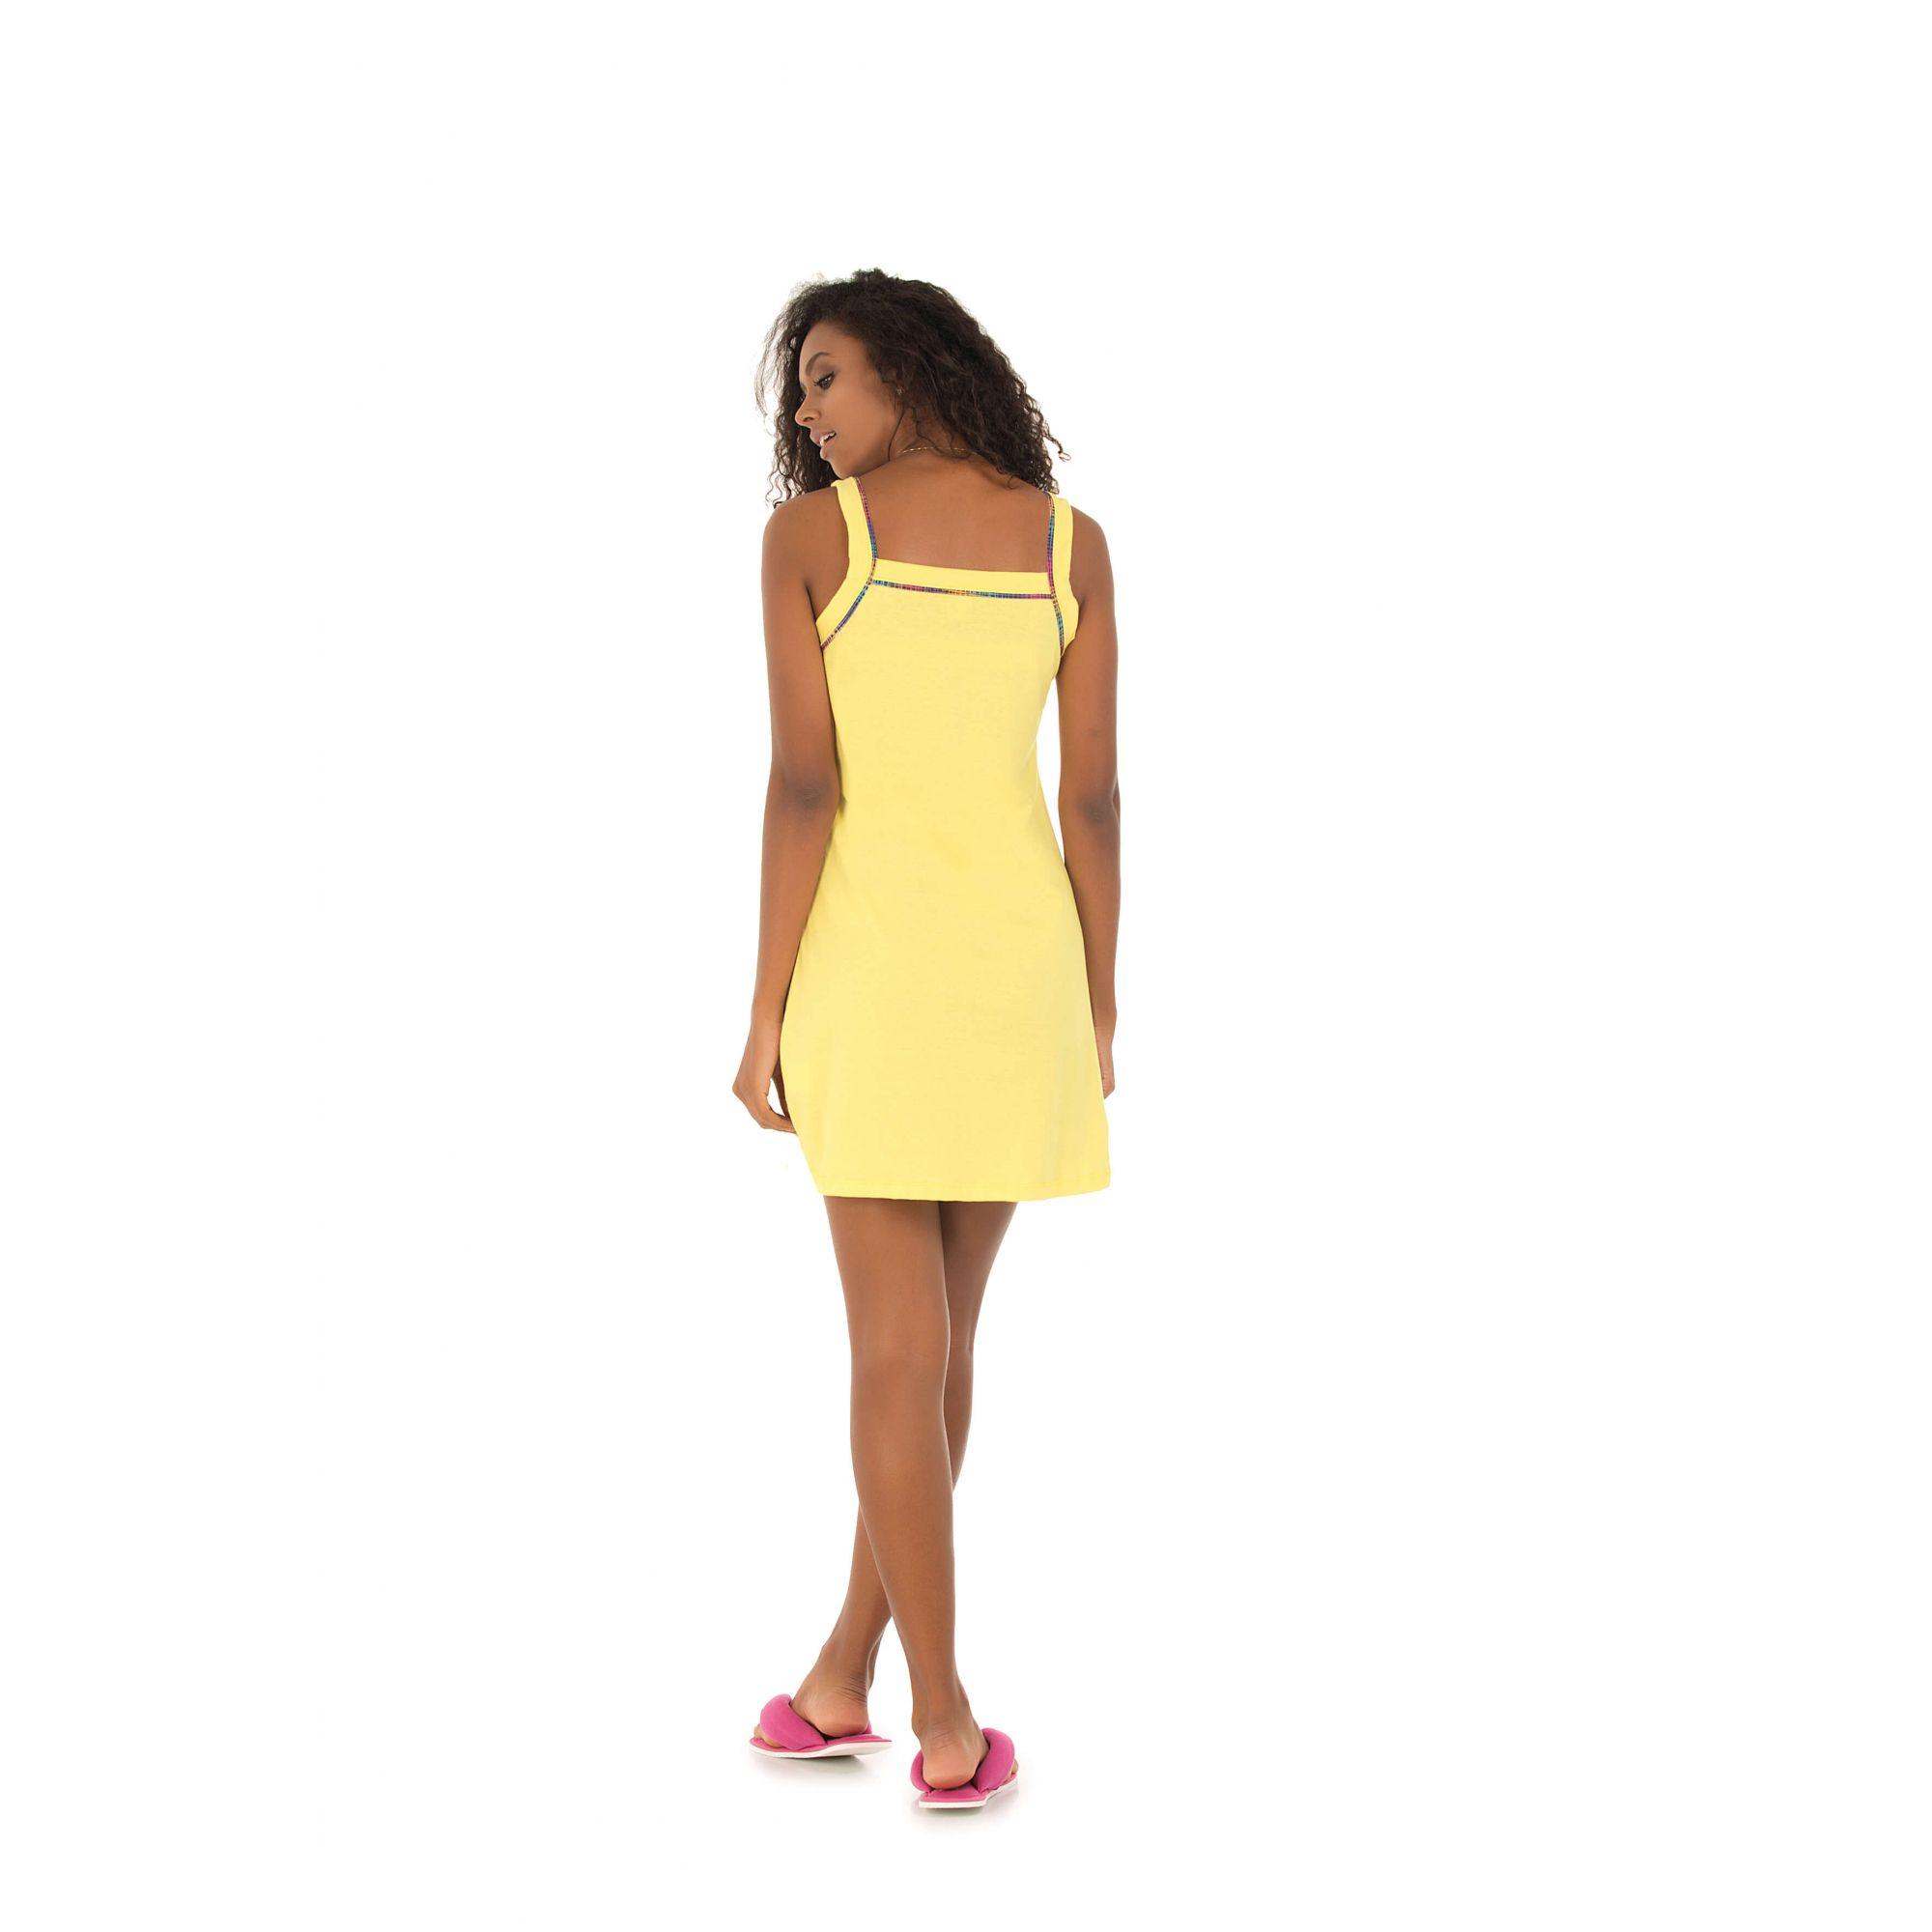 110/E - Camisola Alça Belita Amarela